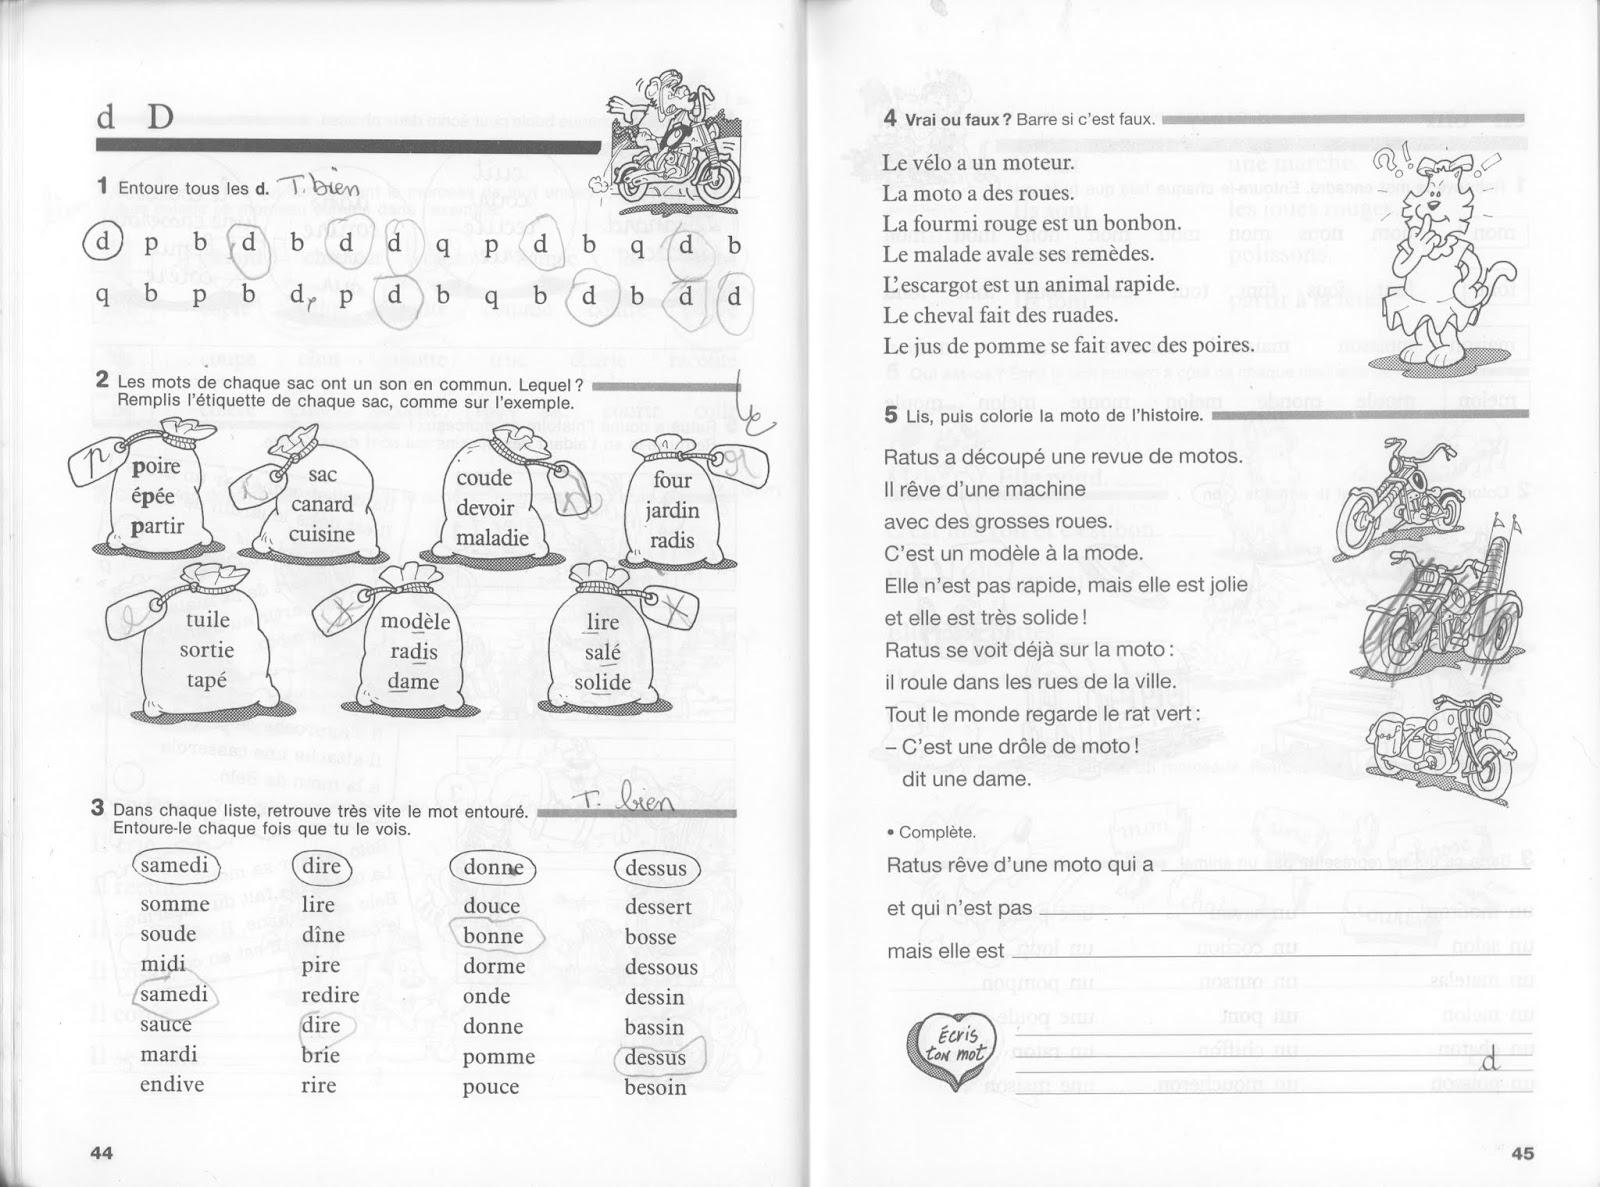 Assez Manuels anciens: Guion, Ratus et ses amis CP, cahier de lecture (1994) MA44